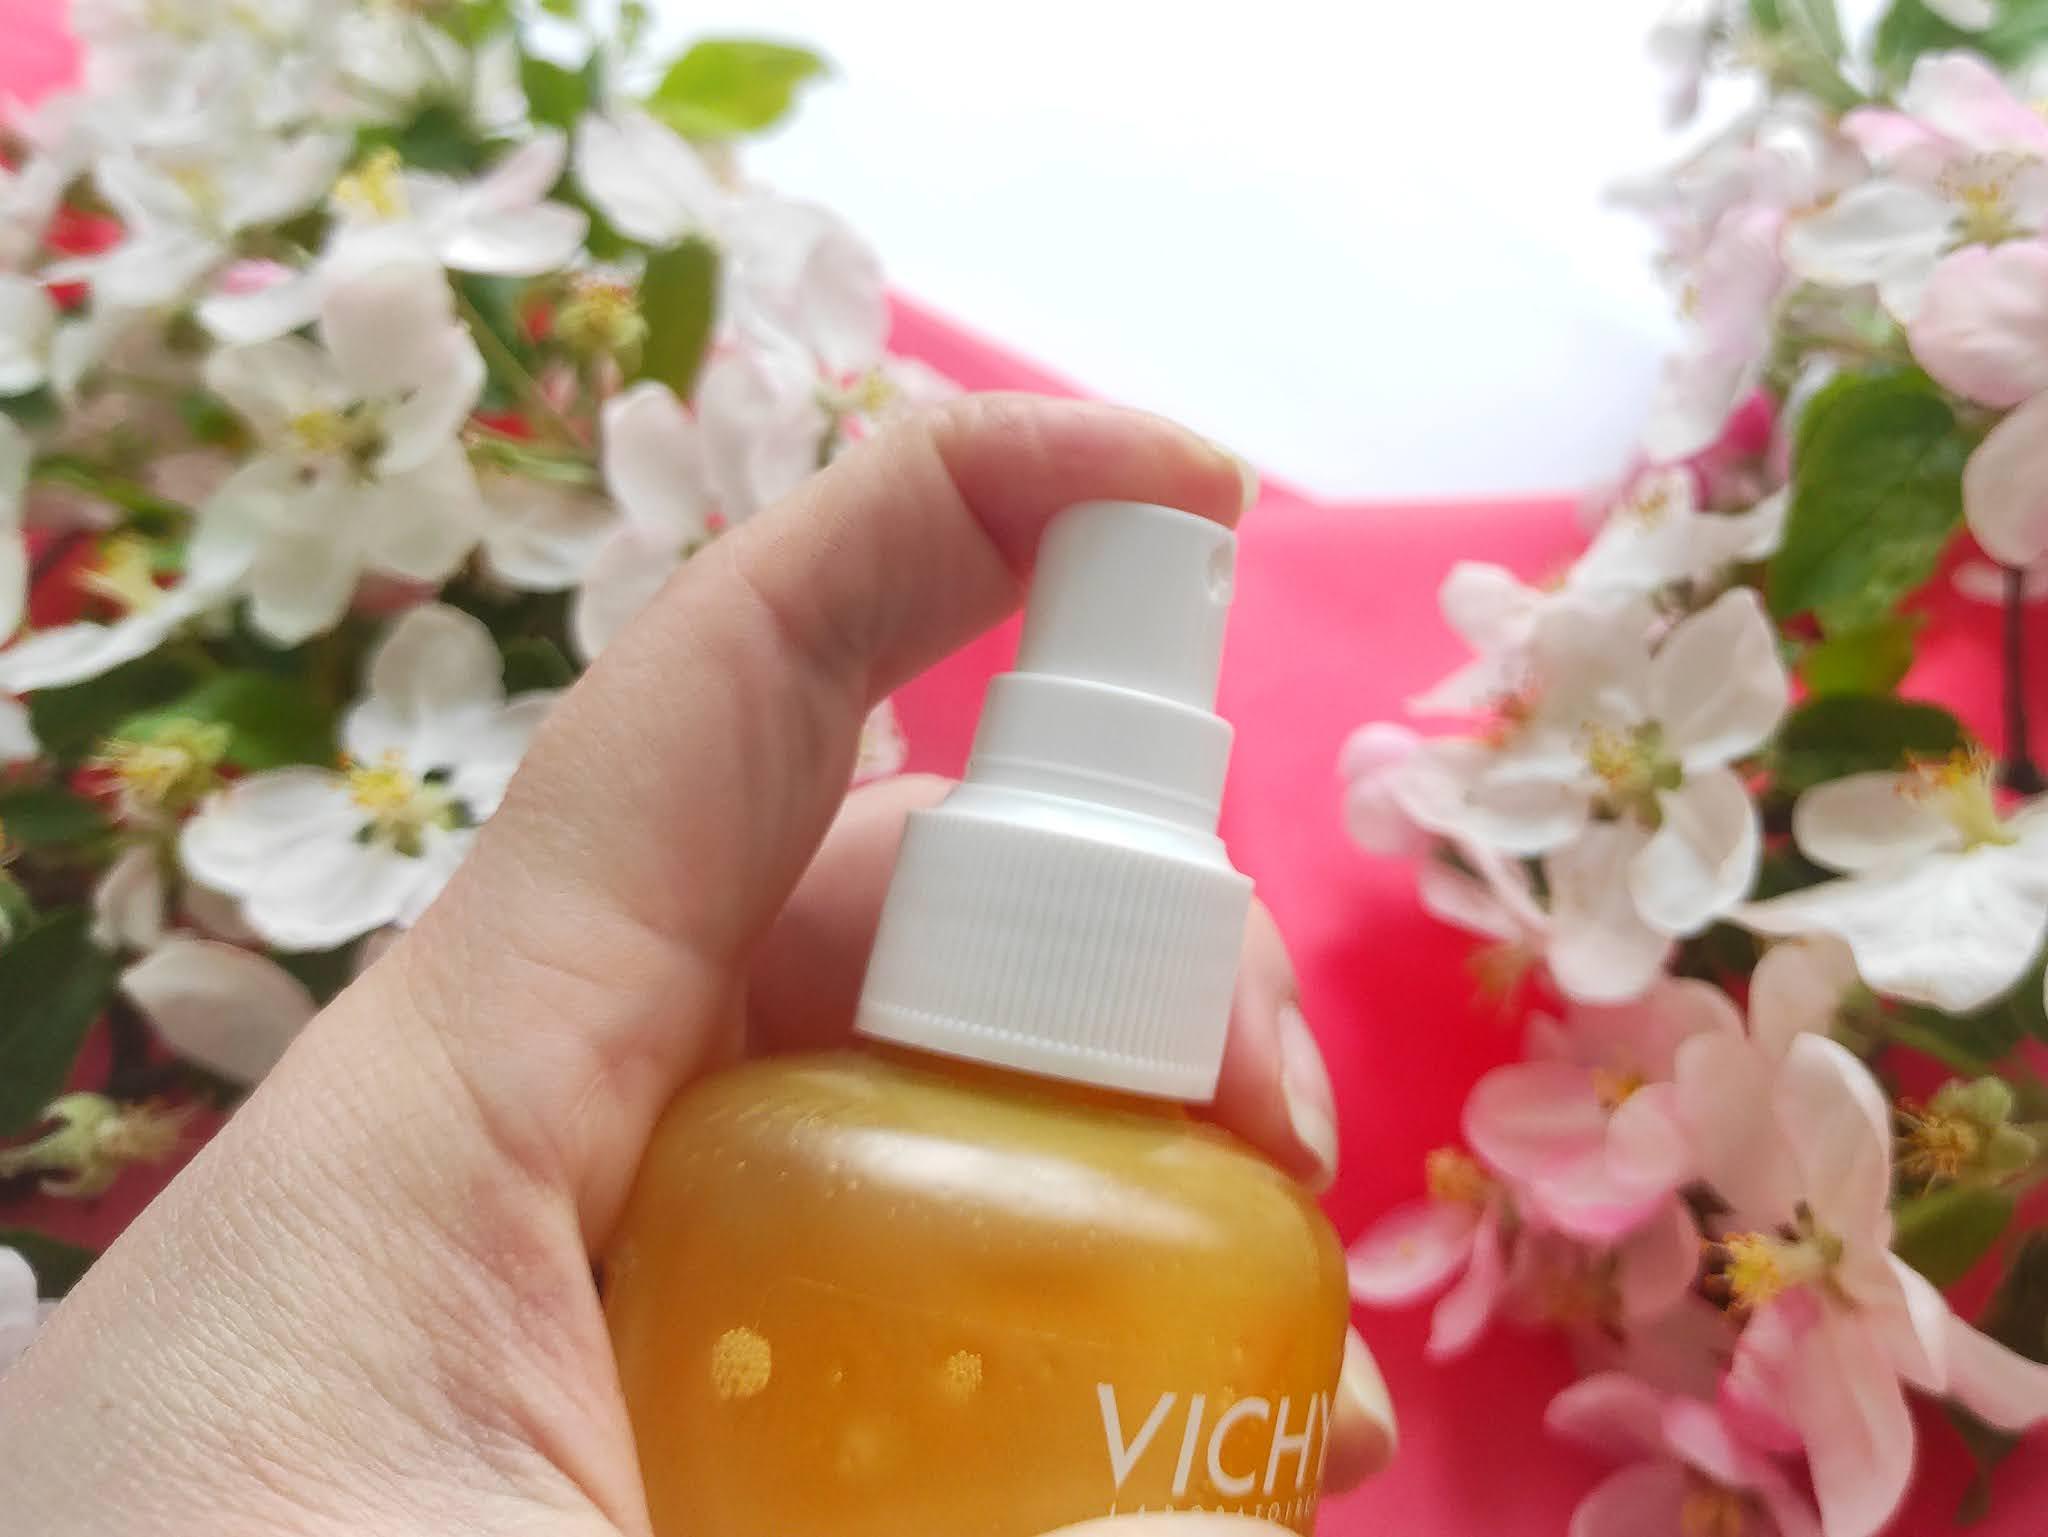 Spray Vichy z filtrem uv